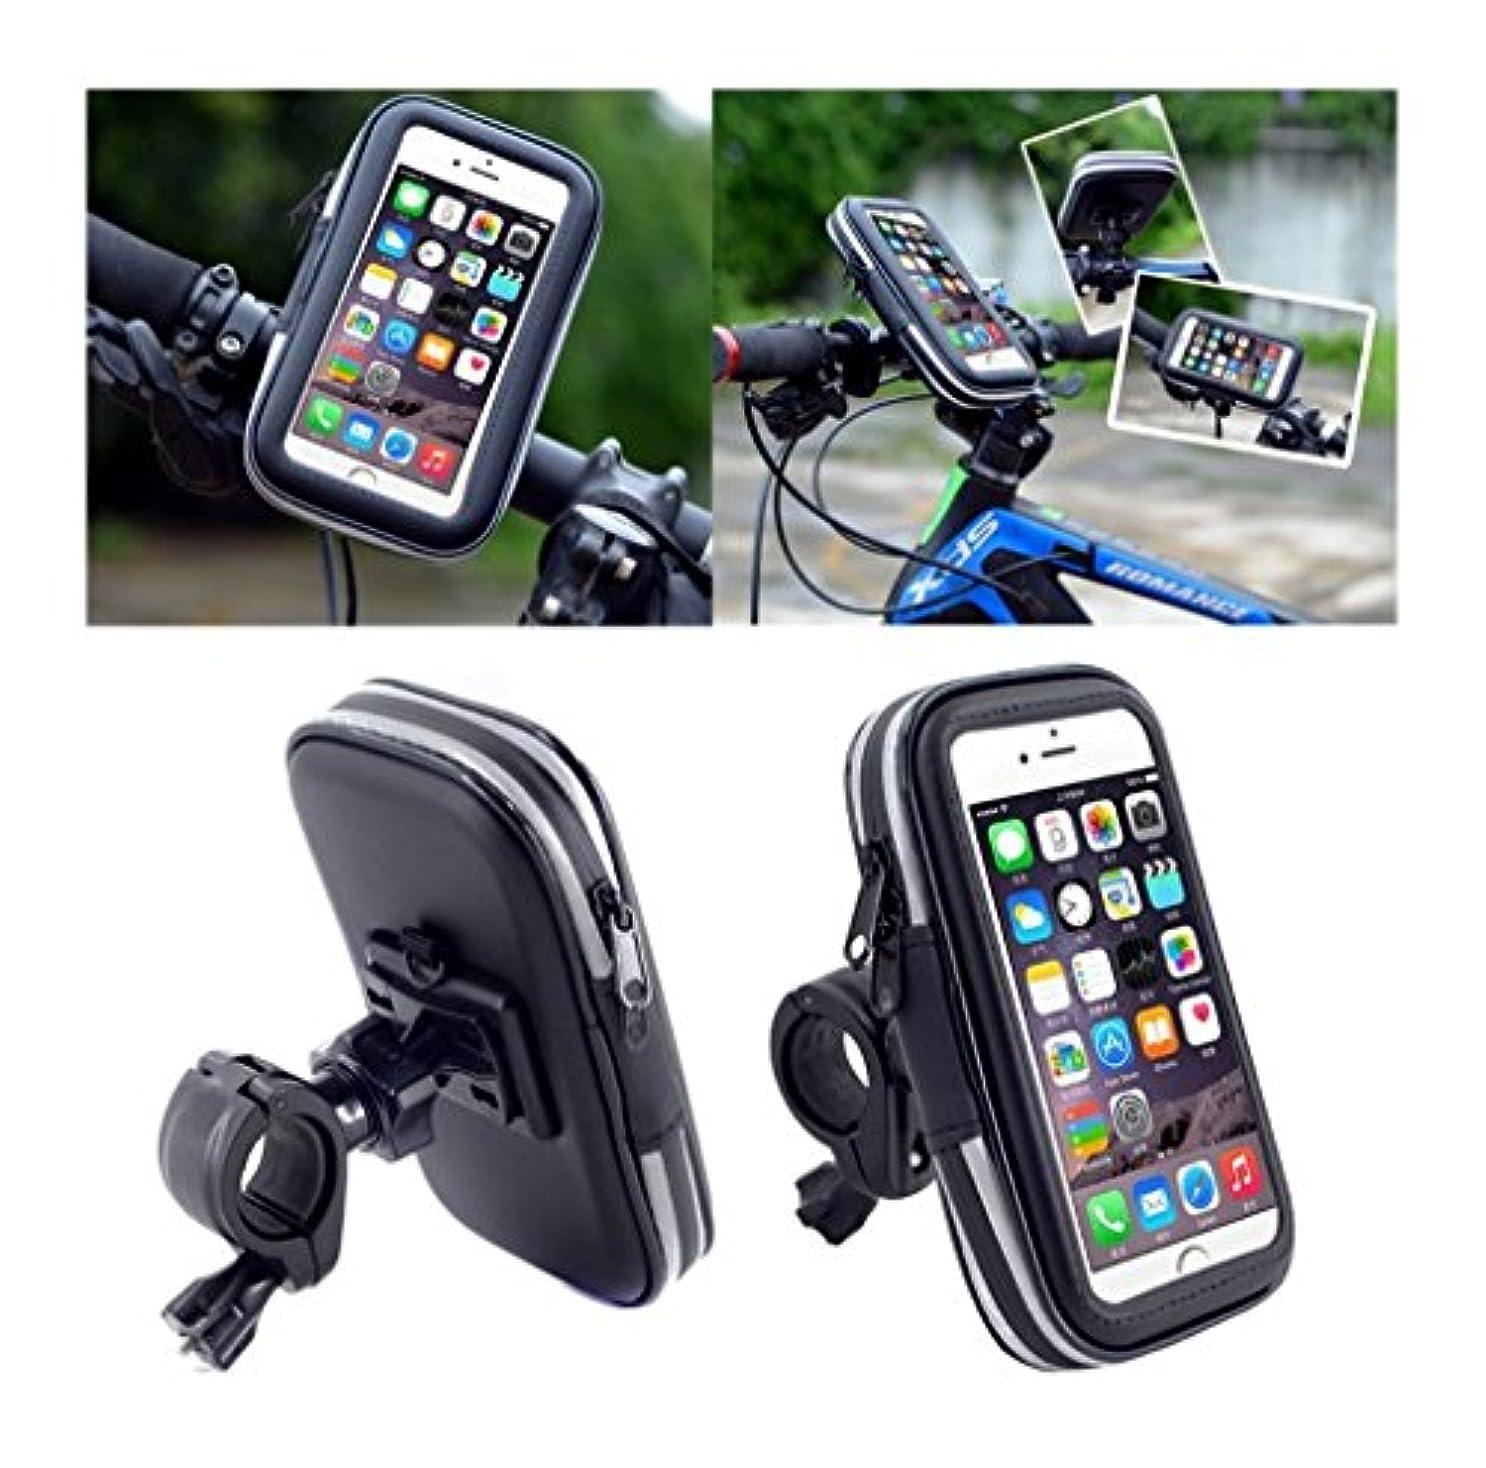 事実上流行自殺DFV mobile - 自転車ハンドルバーと回転可能な防水バイク用のプロフェッショナルリフレクティブサポート360? => PRESTIGIO MULTIPHONE 5508 DUO > 黒